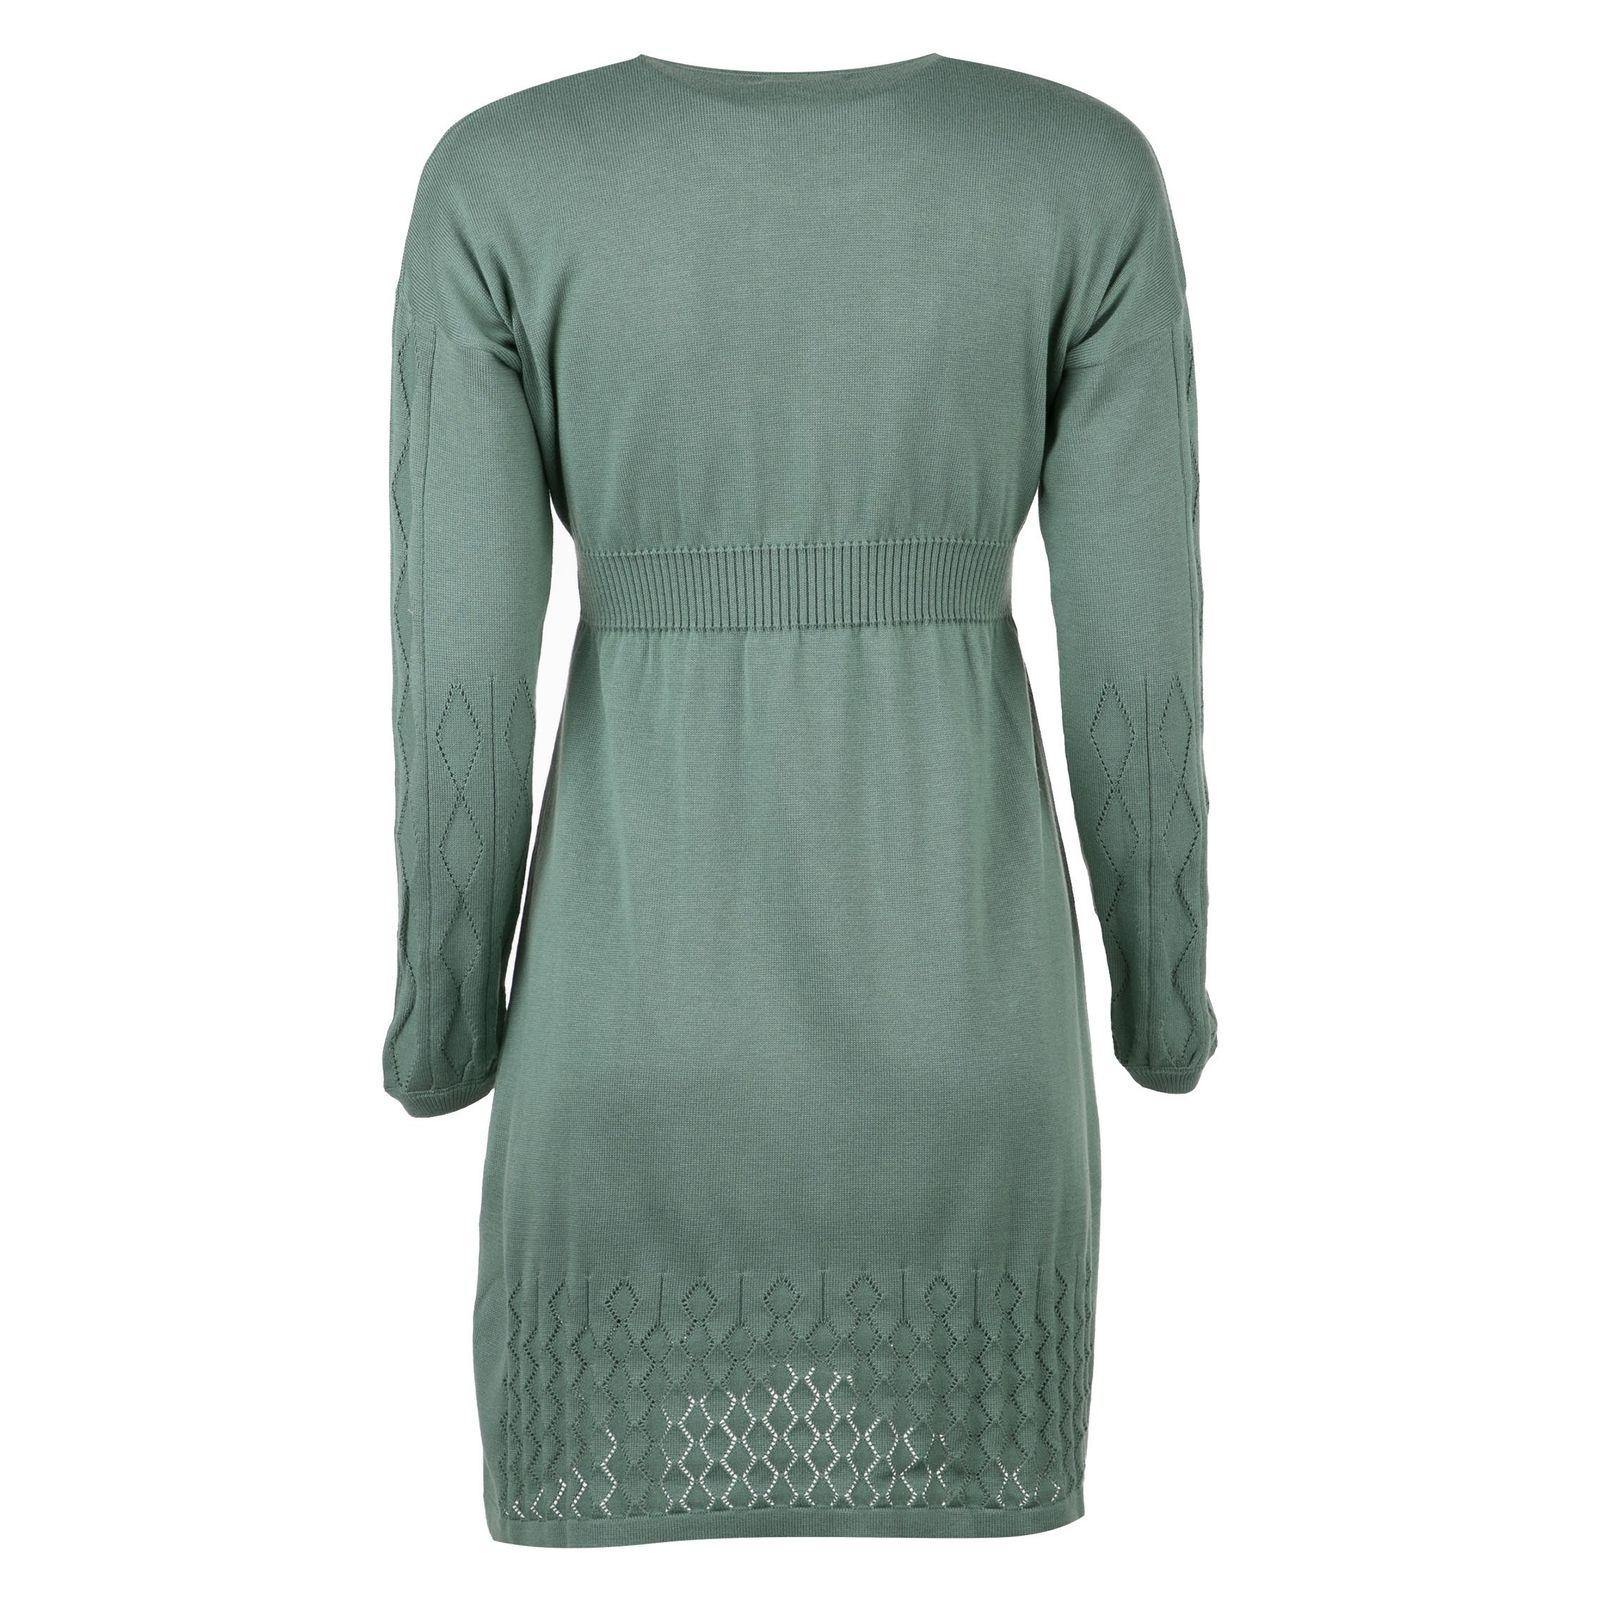 پیراهن میدی زنانه - مون - سبز - 2